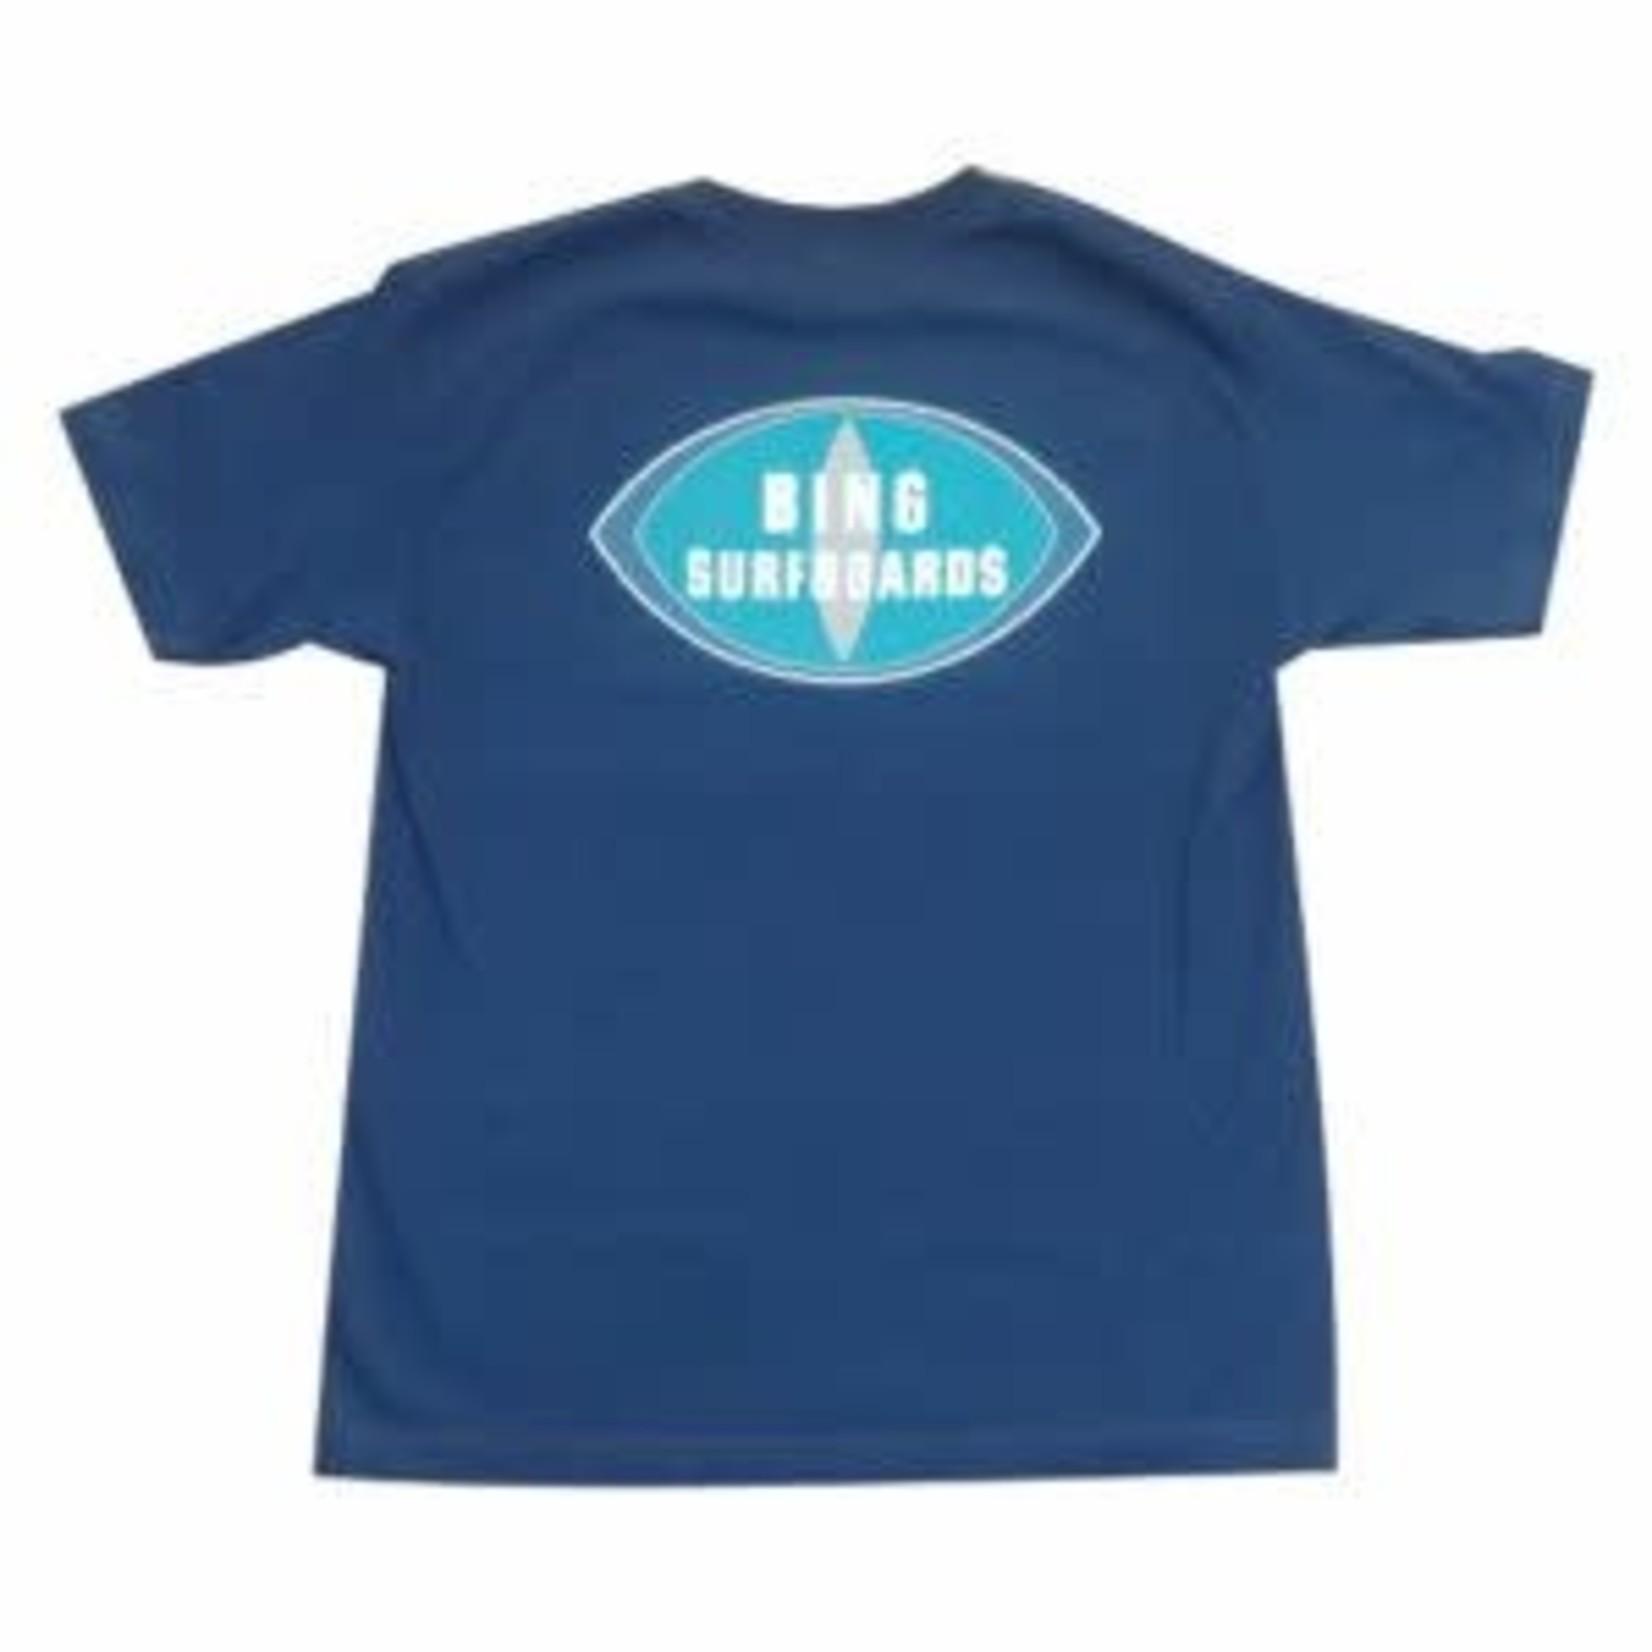 Bing Surfboards Bing T-shirts.